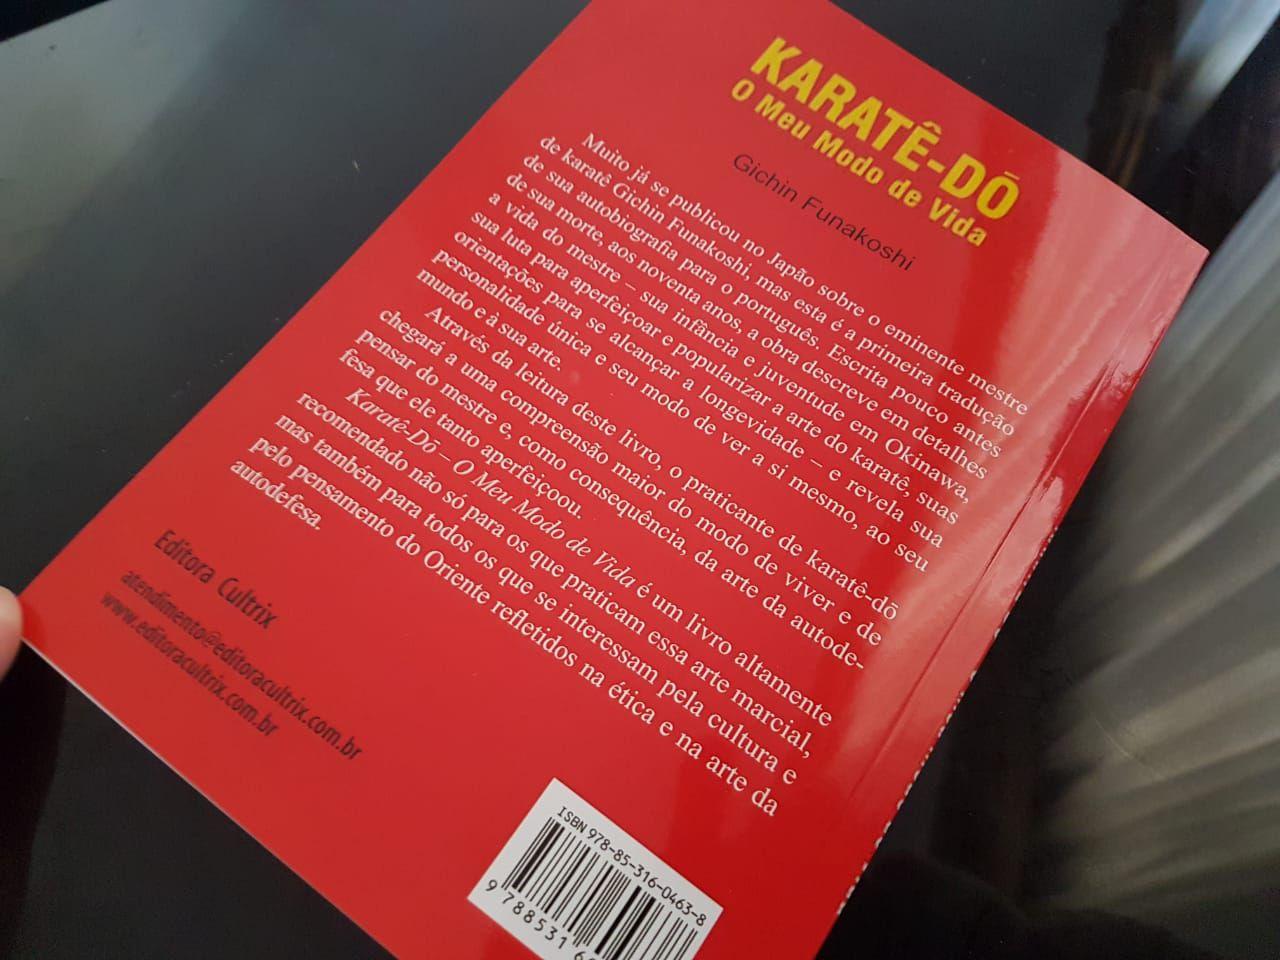 LIVRO KARATE-DO - O MEU MODO DE VIDA + 1 Chaveiro Faixa Preta Martial Arts Shodo de Brinde